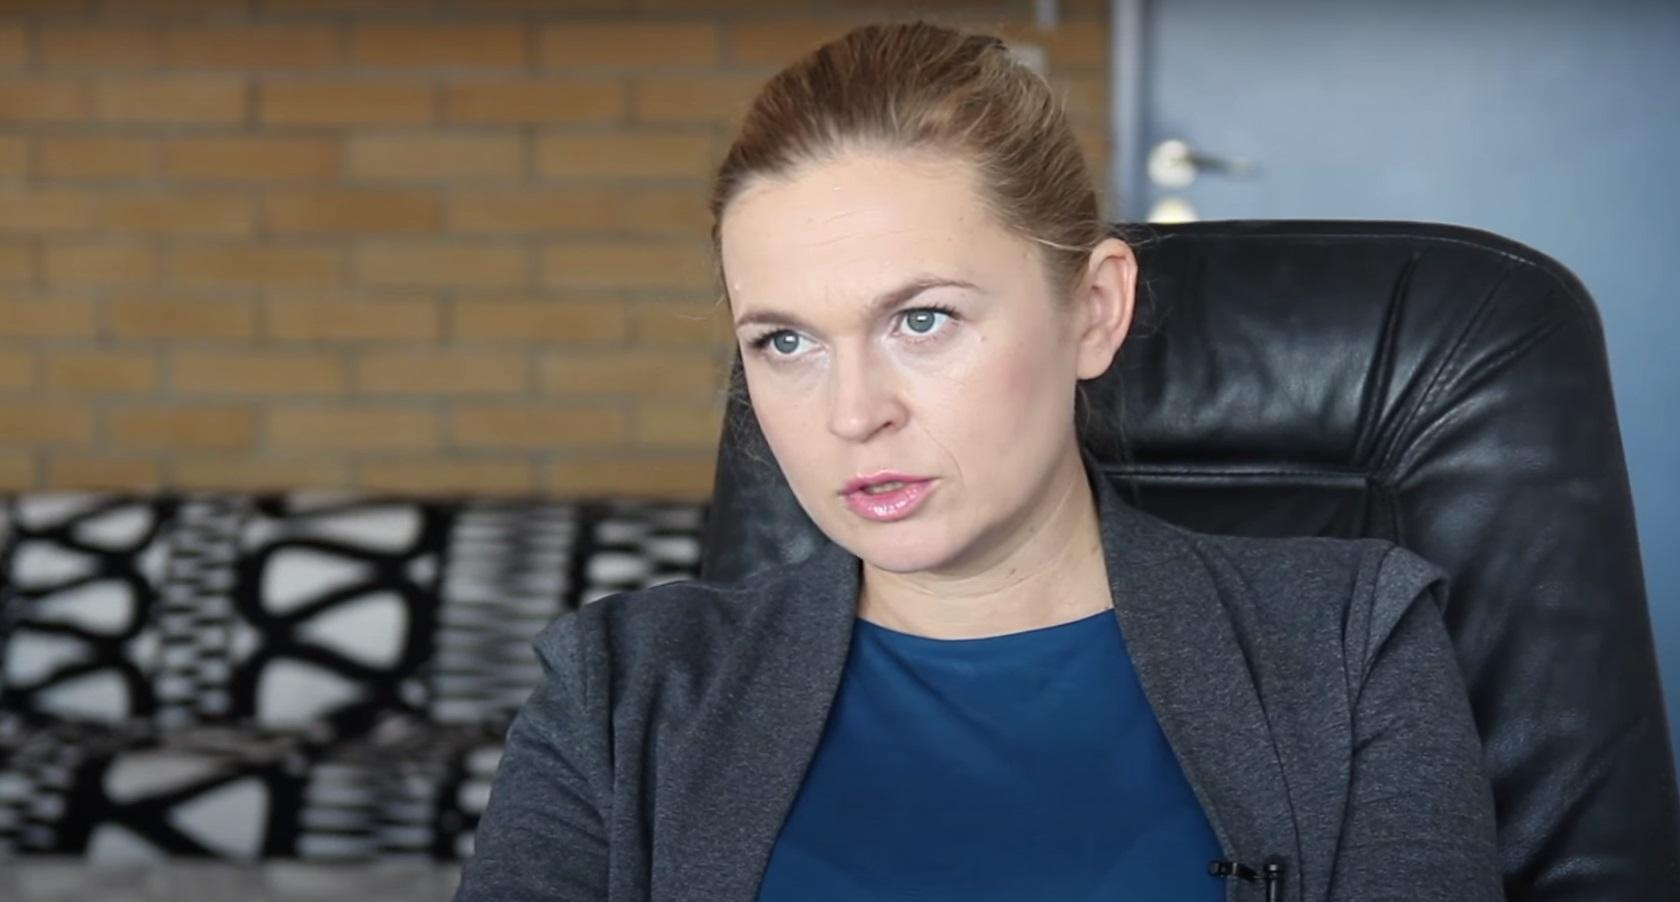 Barbara Nowacka została potraktowana gazem podczas jednej z demonstracji, teraz jest decyzja prokuratury w sprawie wszczęcia postępowania